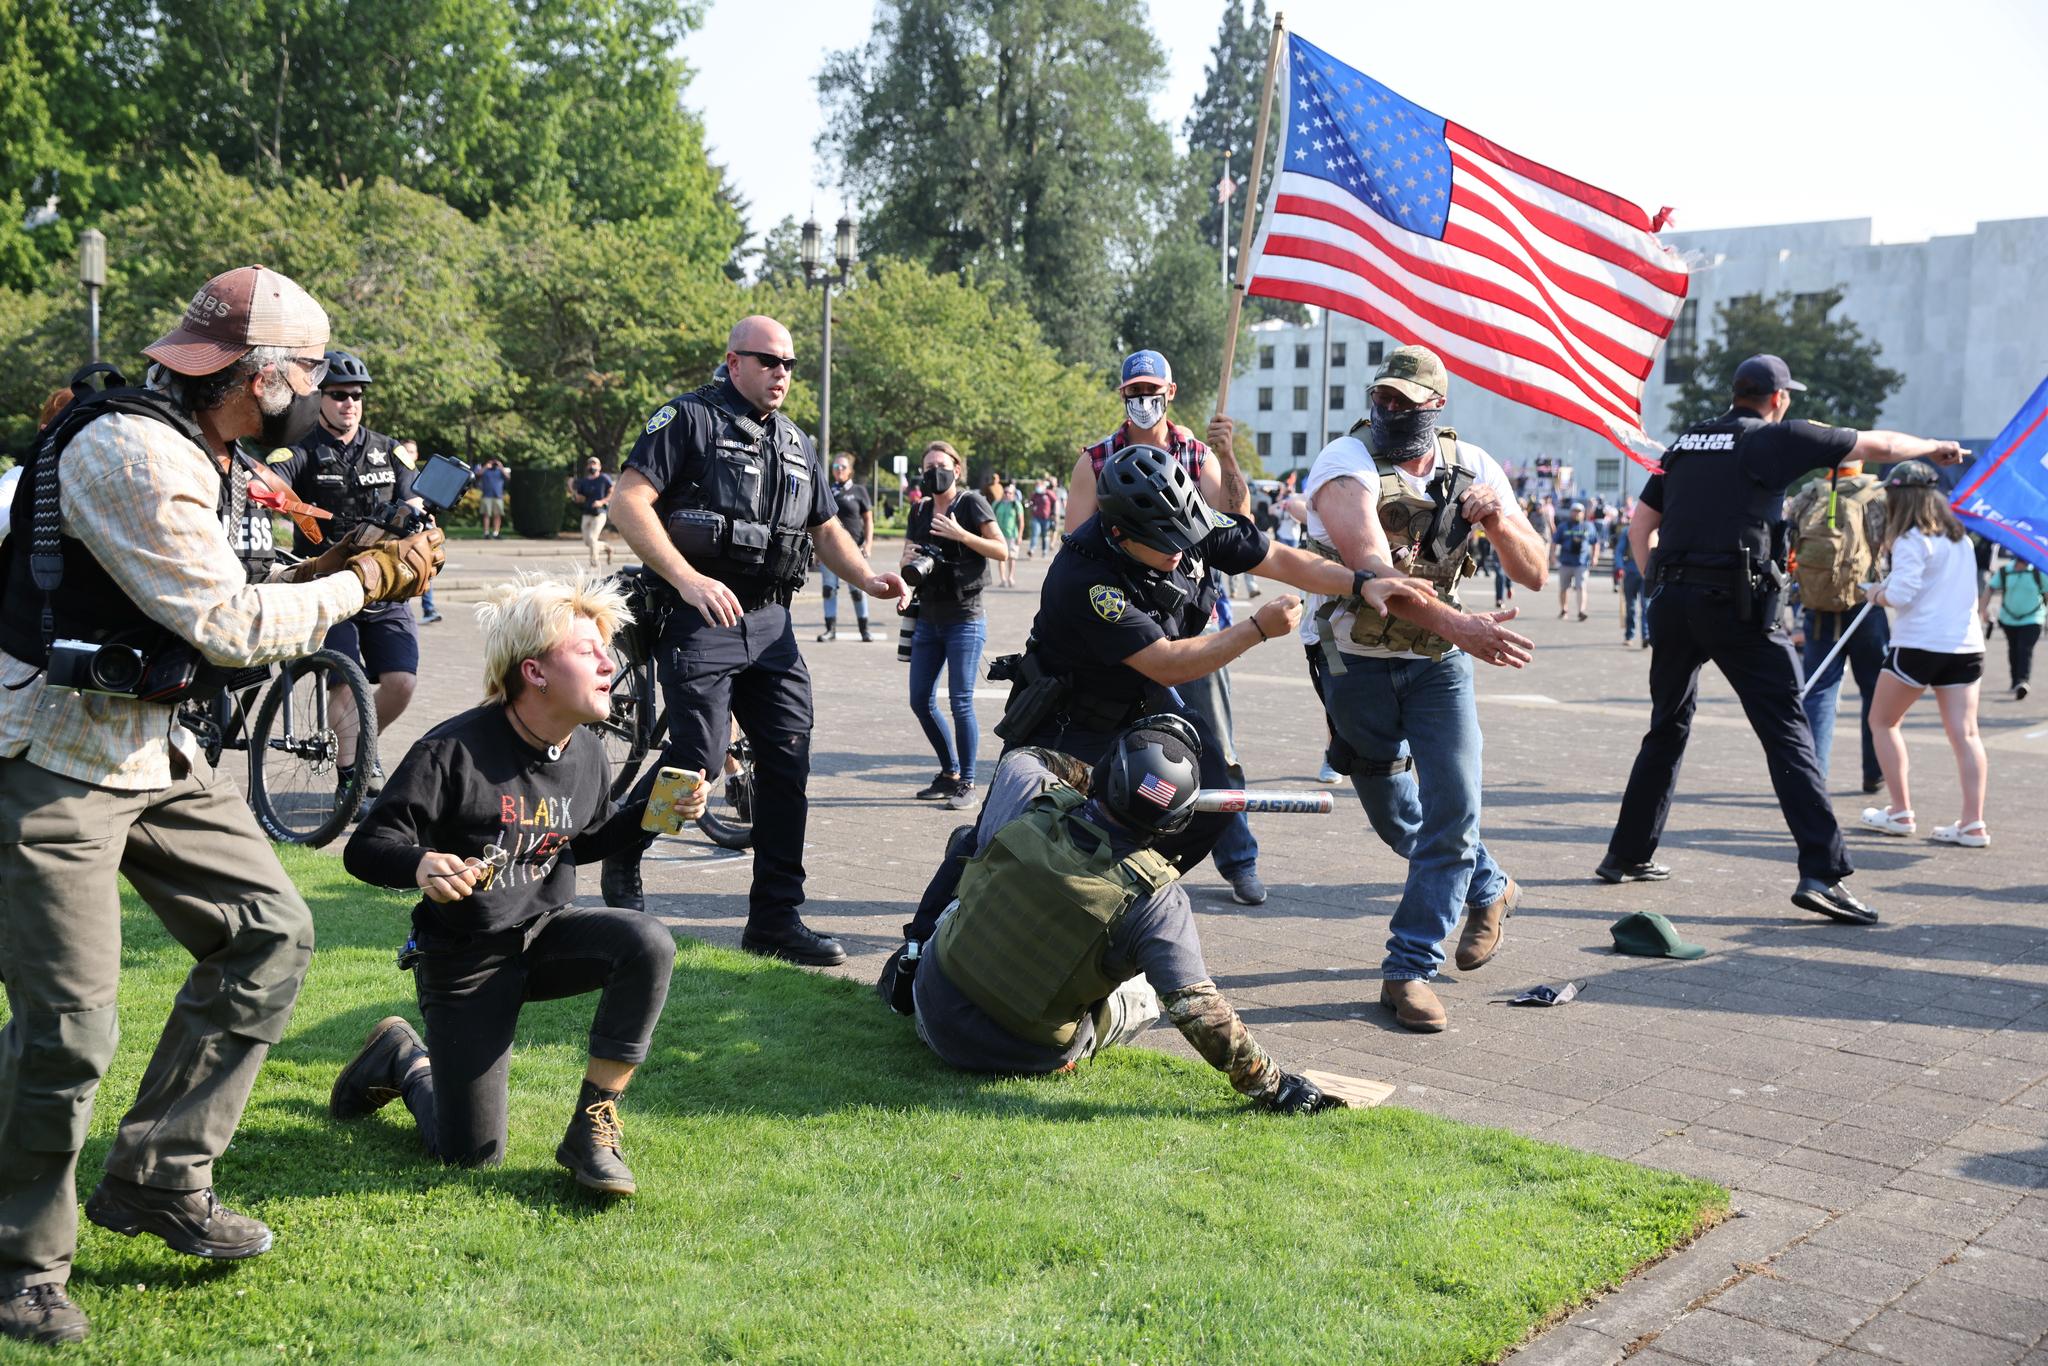 미국 경찰이 7일 오리건주 살렘의 주 청사 앞에서 벌어진 트럼프 대통령 지지자와 인종차별 반대 시위자들의 충돌을 뜯어말리고 있다. 로이터=연합뉴스